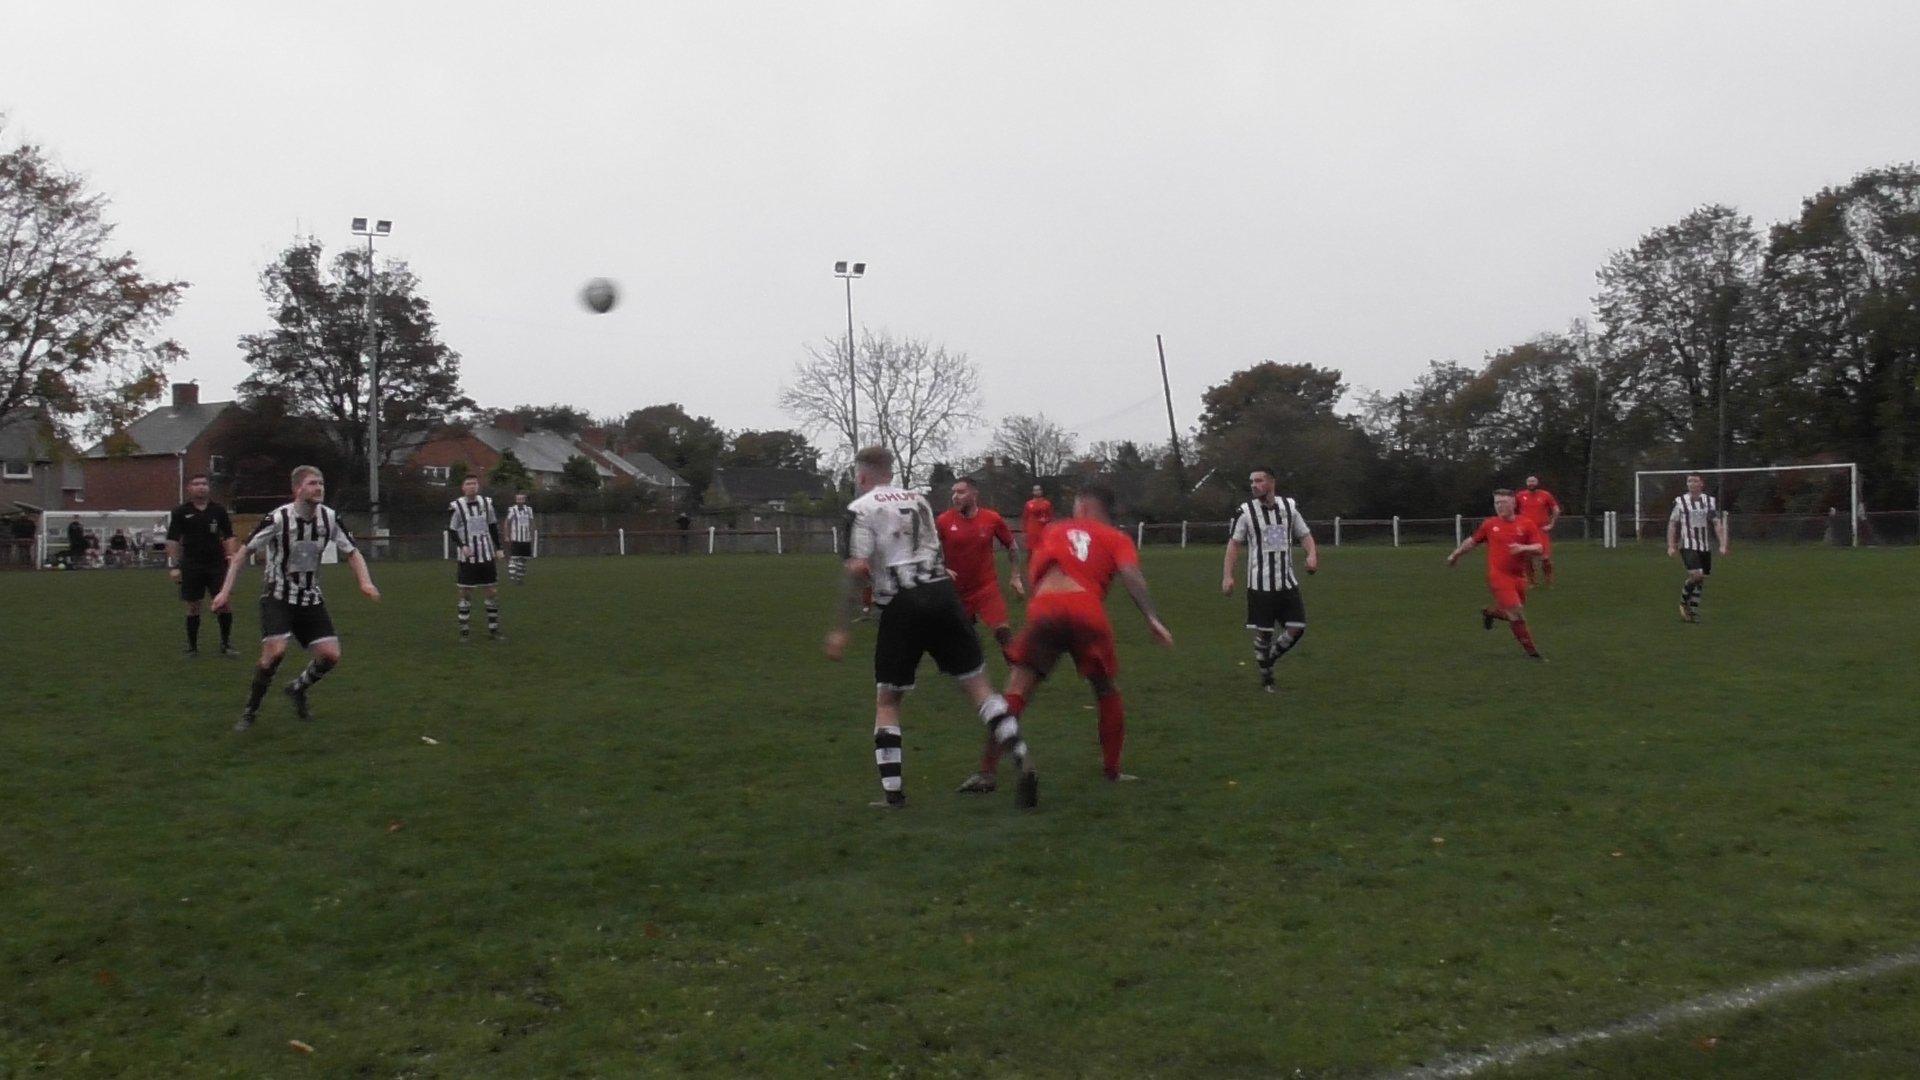 Bedlington Terriers 2-1 Heaton Stan – Match Report & Video Highlights